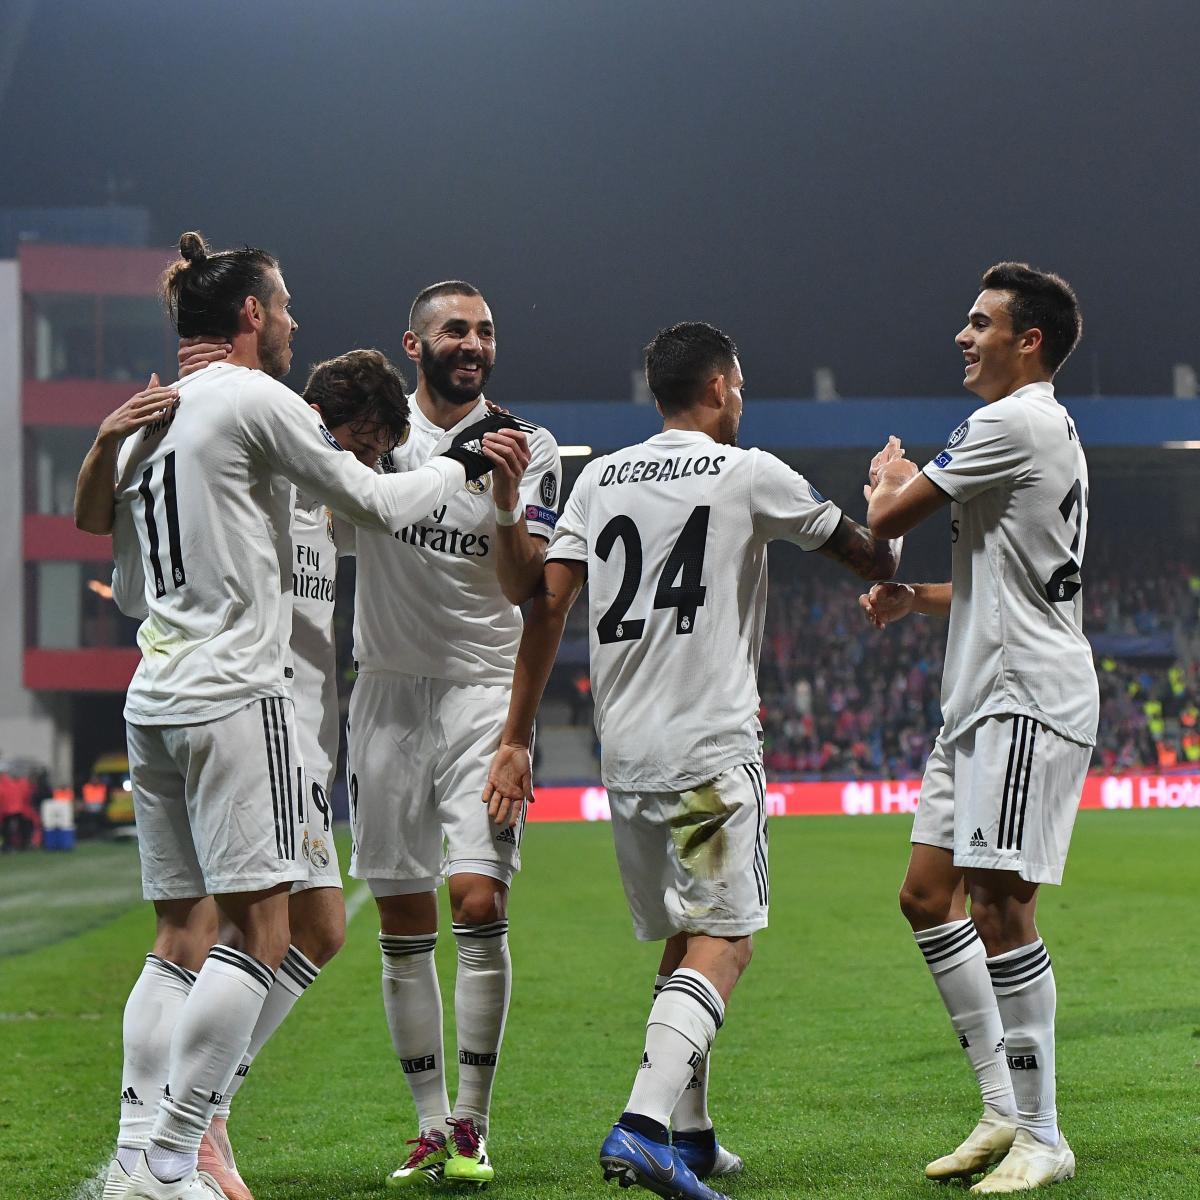 Celta Vigo Vs. Real Madrid: Odds, Preview, Live Stream, TV